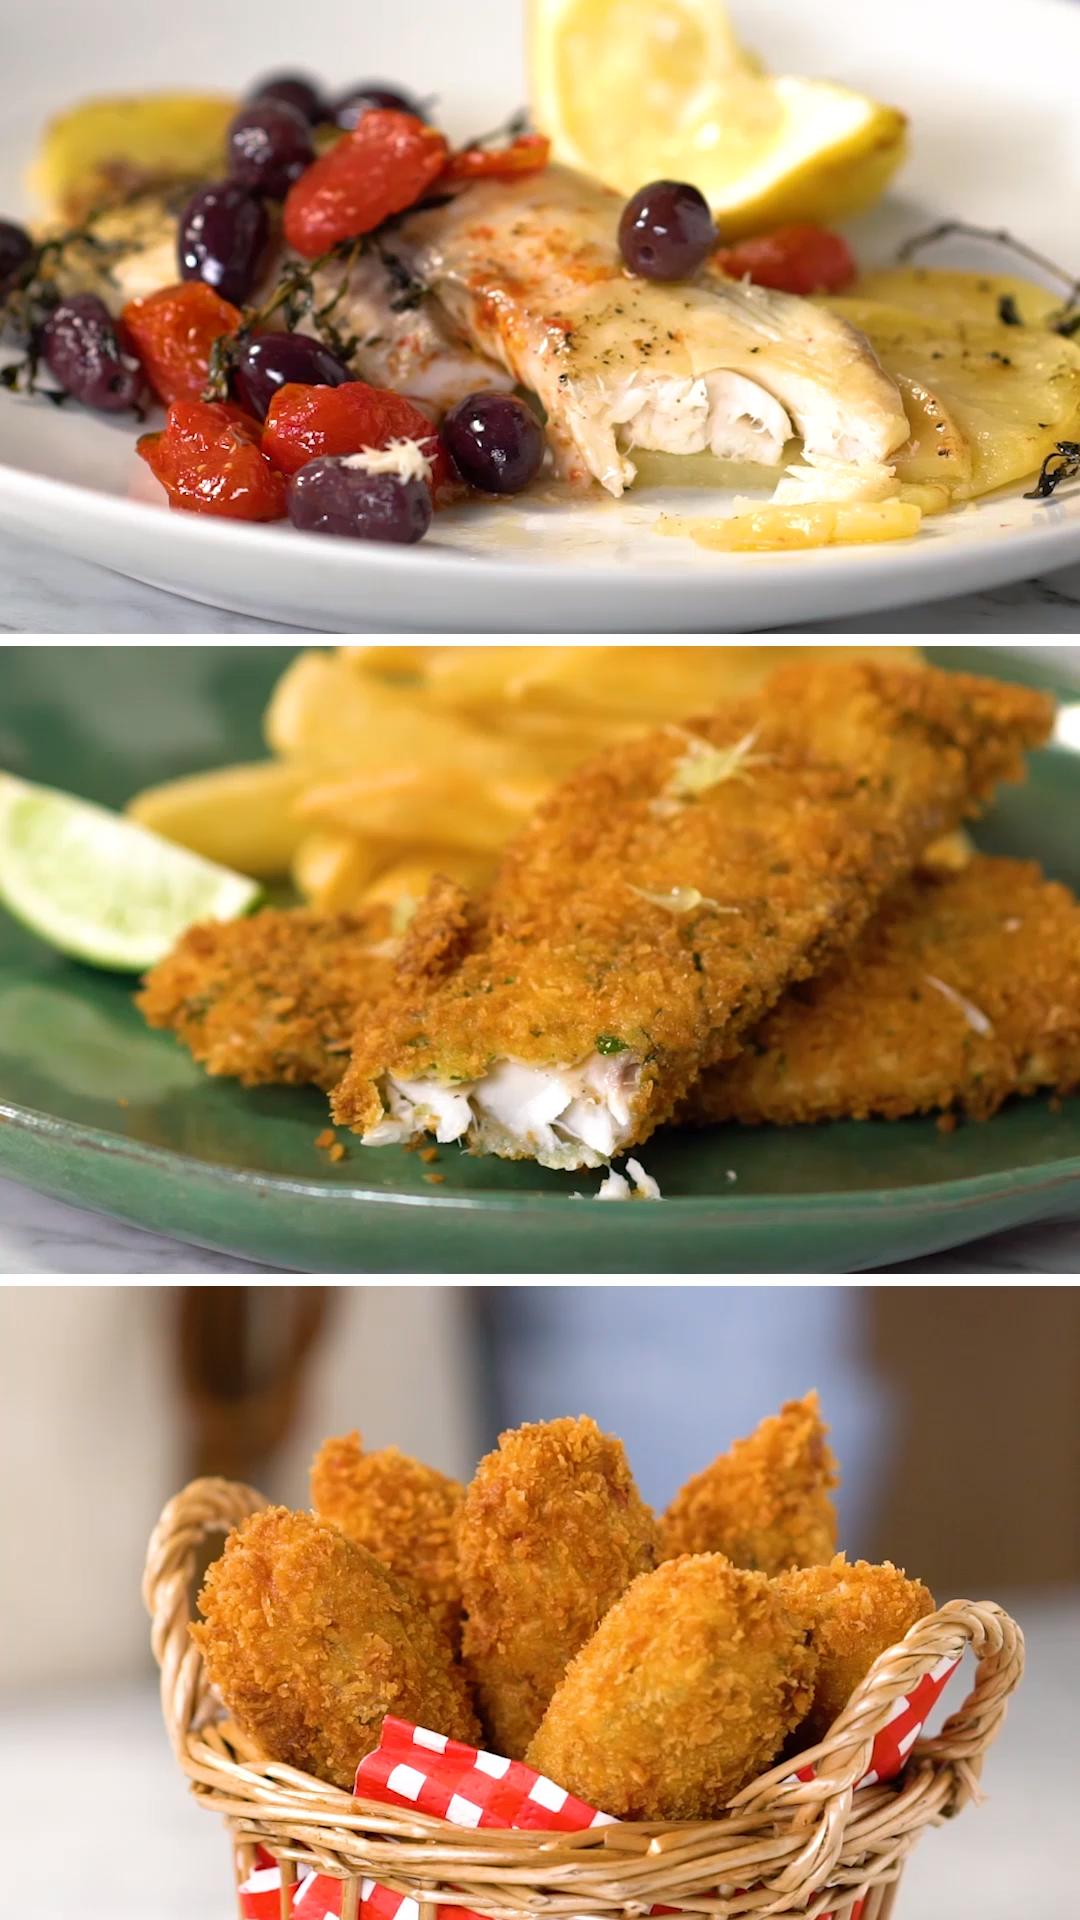 El Pescado Es Delicioso En Todas Sus Formas Pero Estas 3 Te Van A Enloquecer Video Recetas Faciles De Comida Recetas Comida Rapida Recetas De Comida